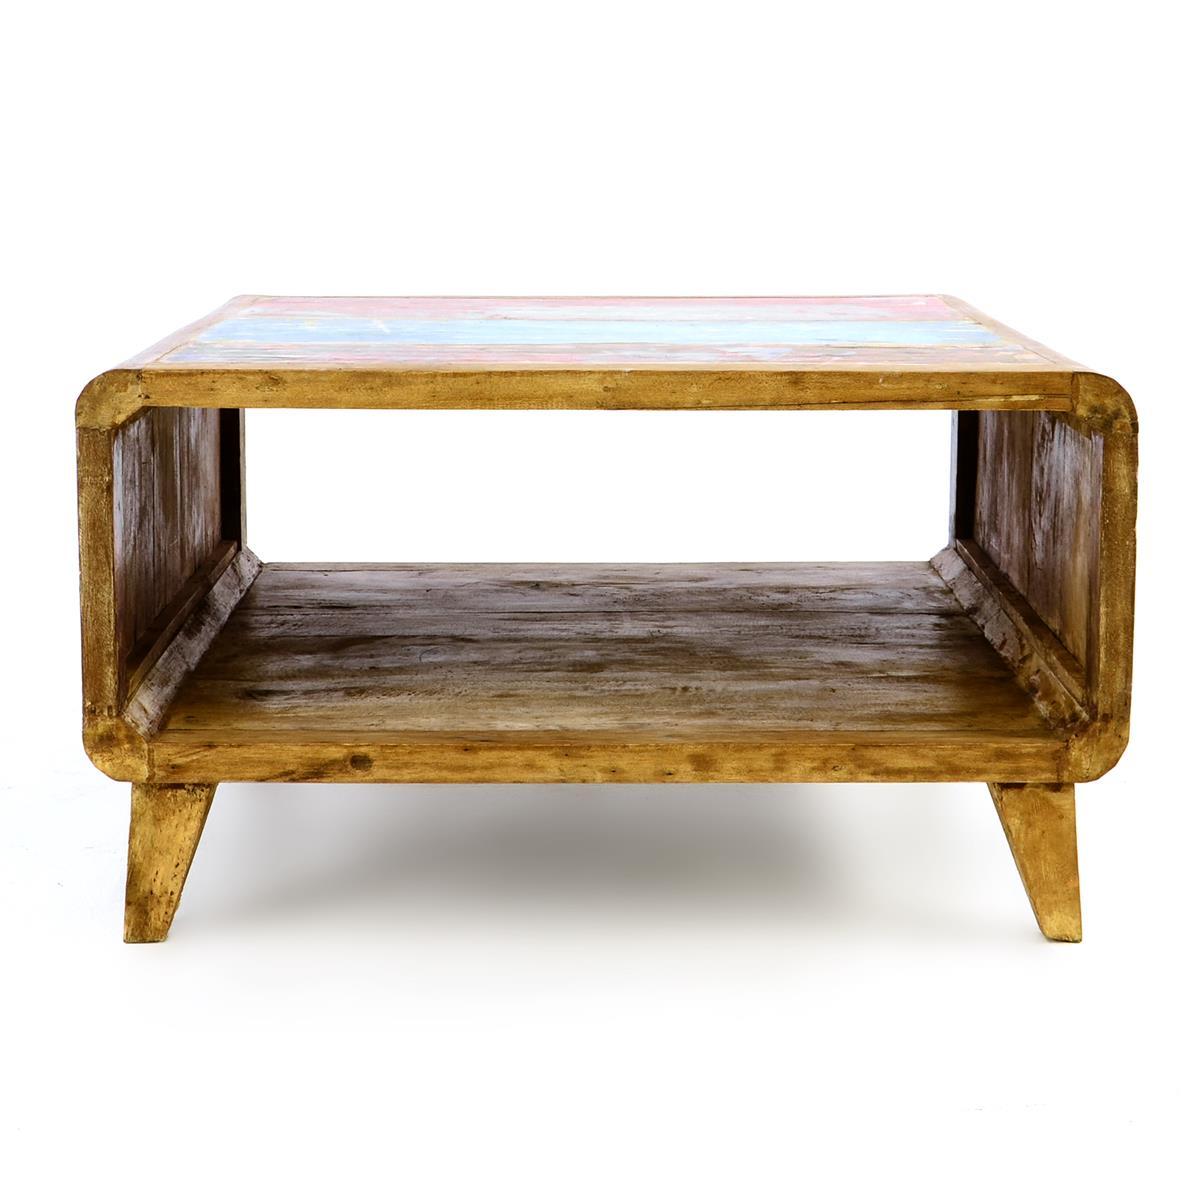 DIVERO Couchtisch TV-Tisch Beistelltisch Möbel Unikat Boots Holz recycelt